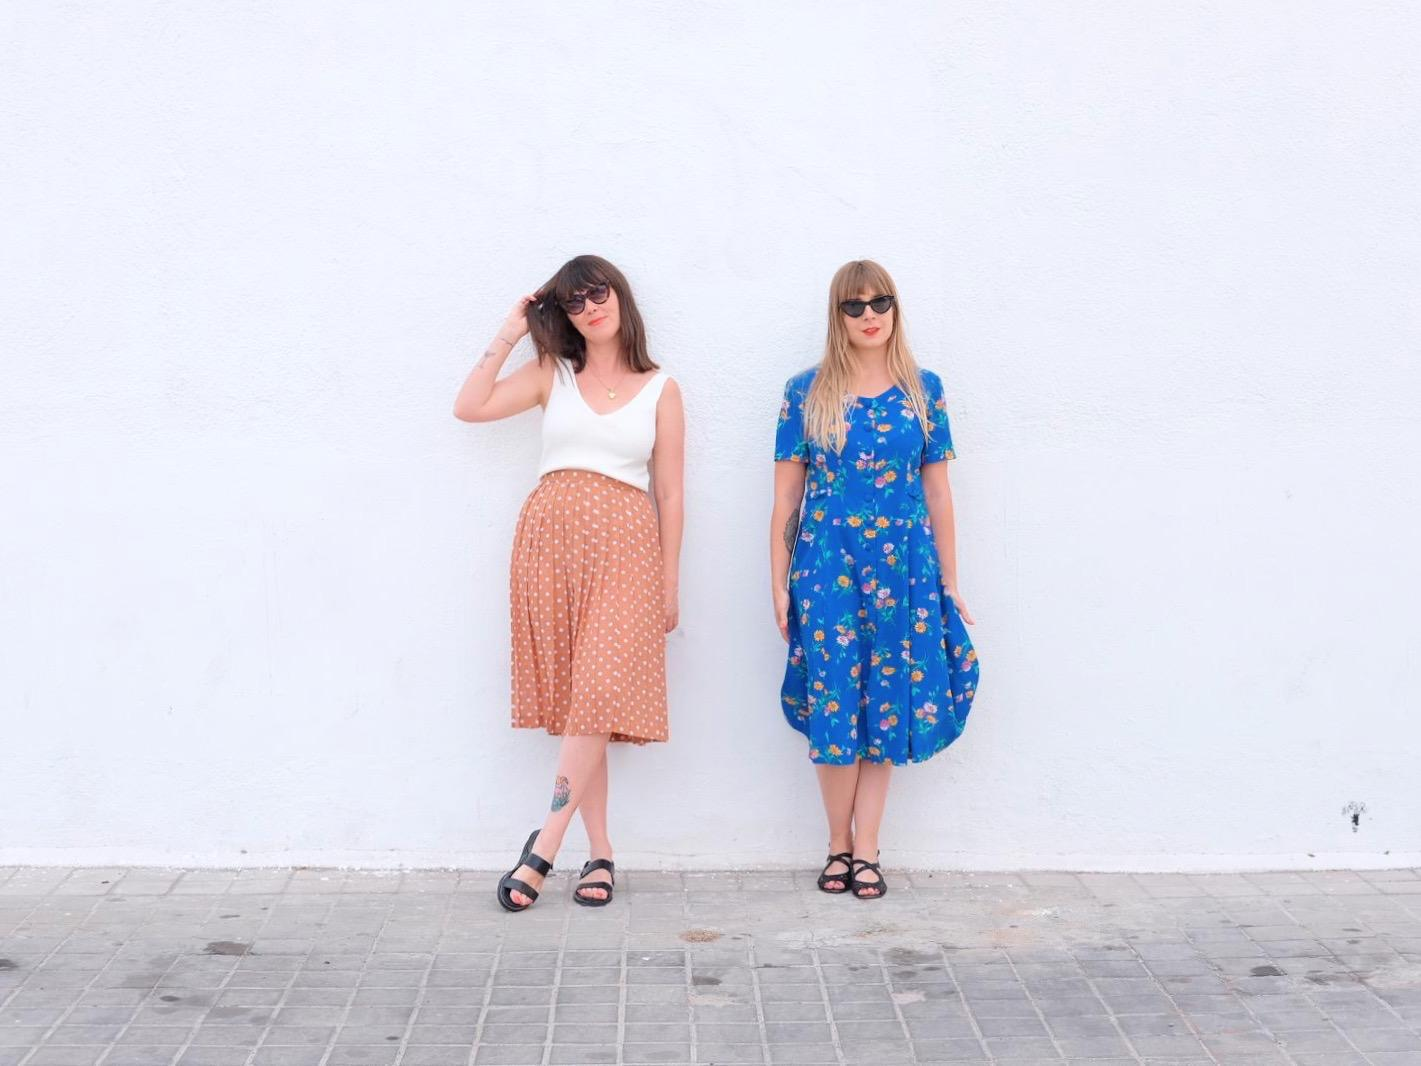 Cristina A. y Cristina V. son las jefas supremas de Girly Girl Magazine, un revista digital que habla sobre cosas de chicas. Porque TODO son cosas nuestras.  Las dos visten ropa de Neko Vintage.